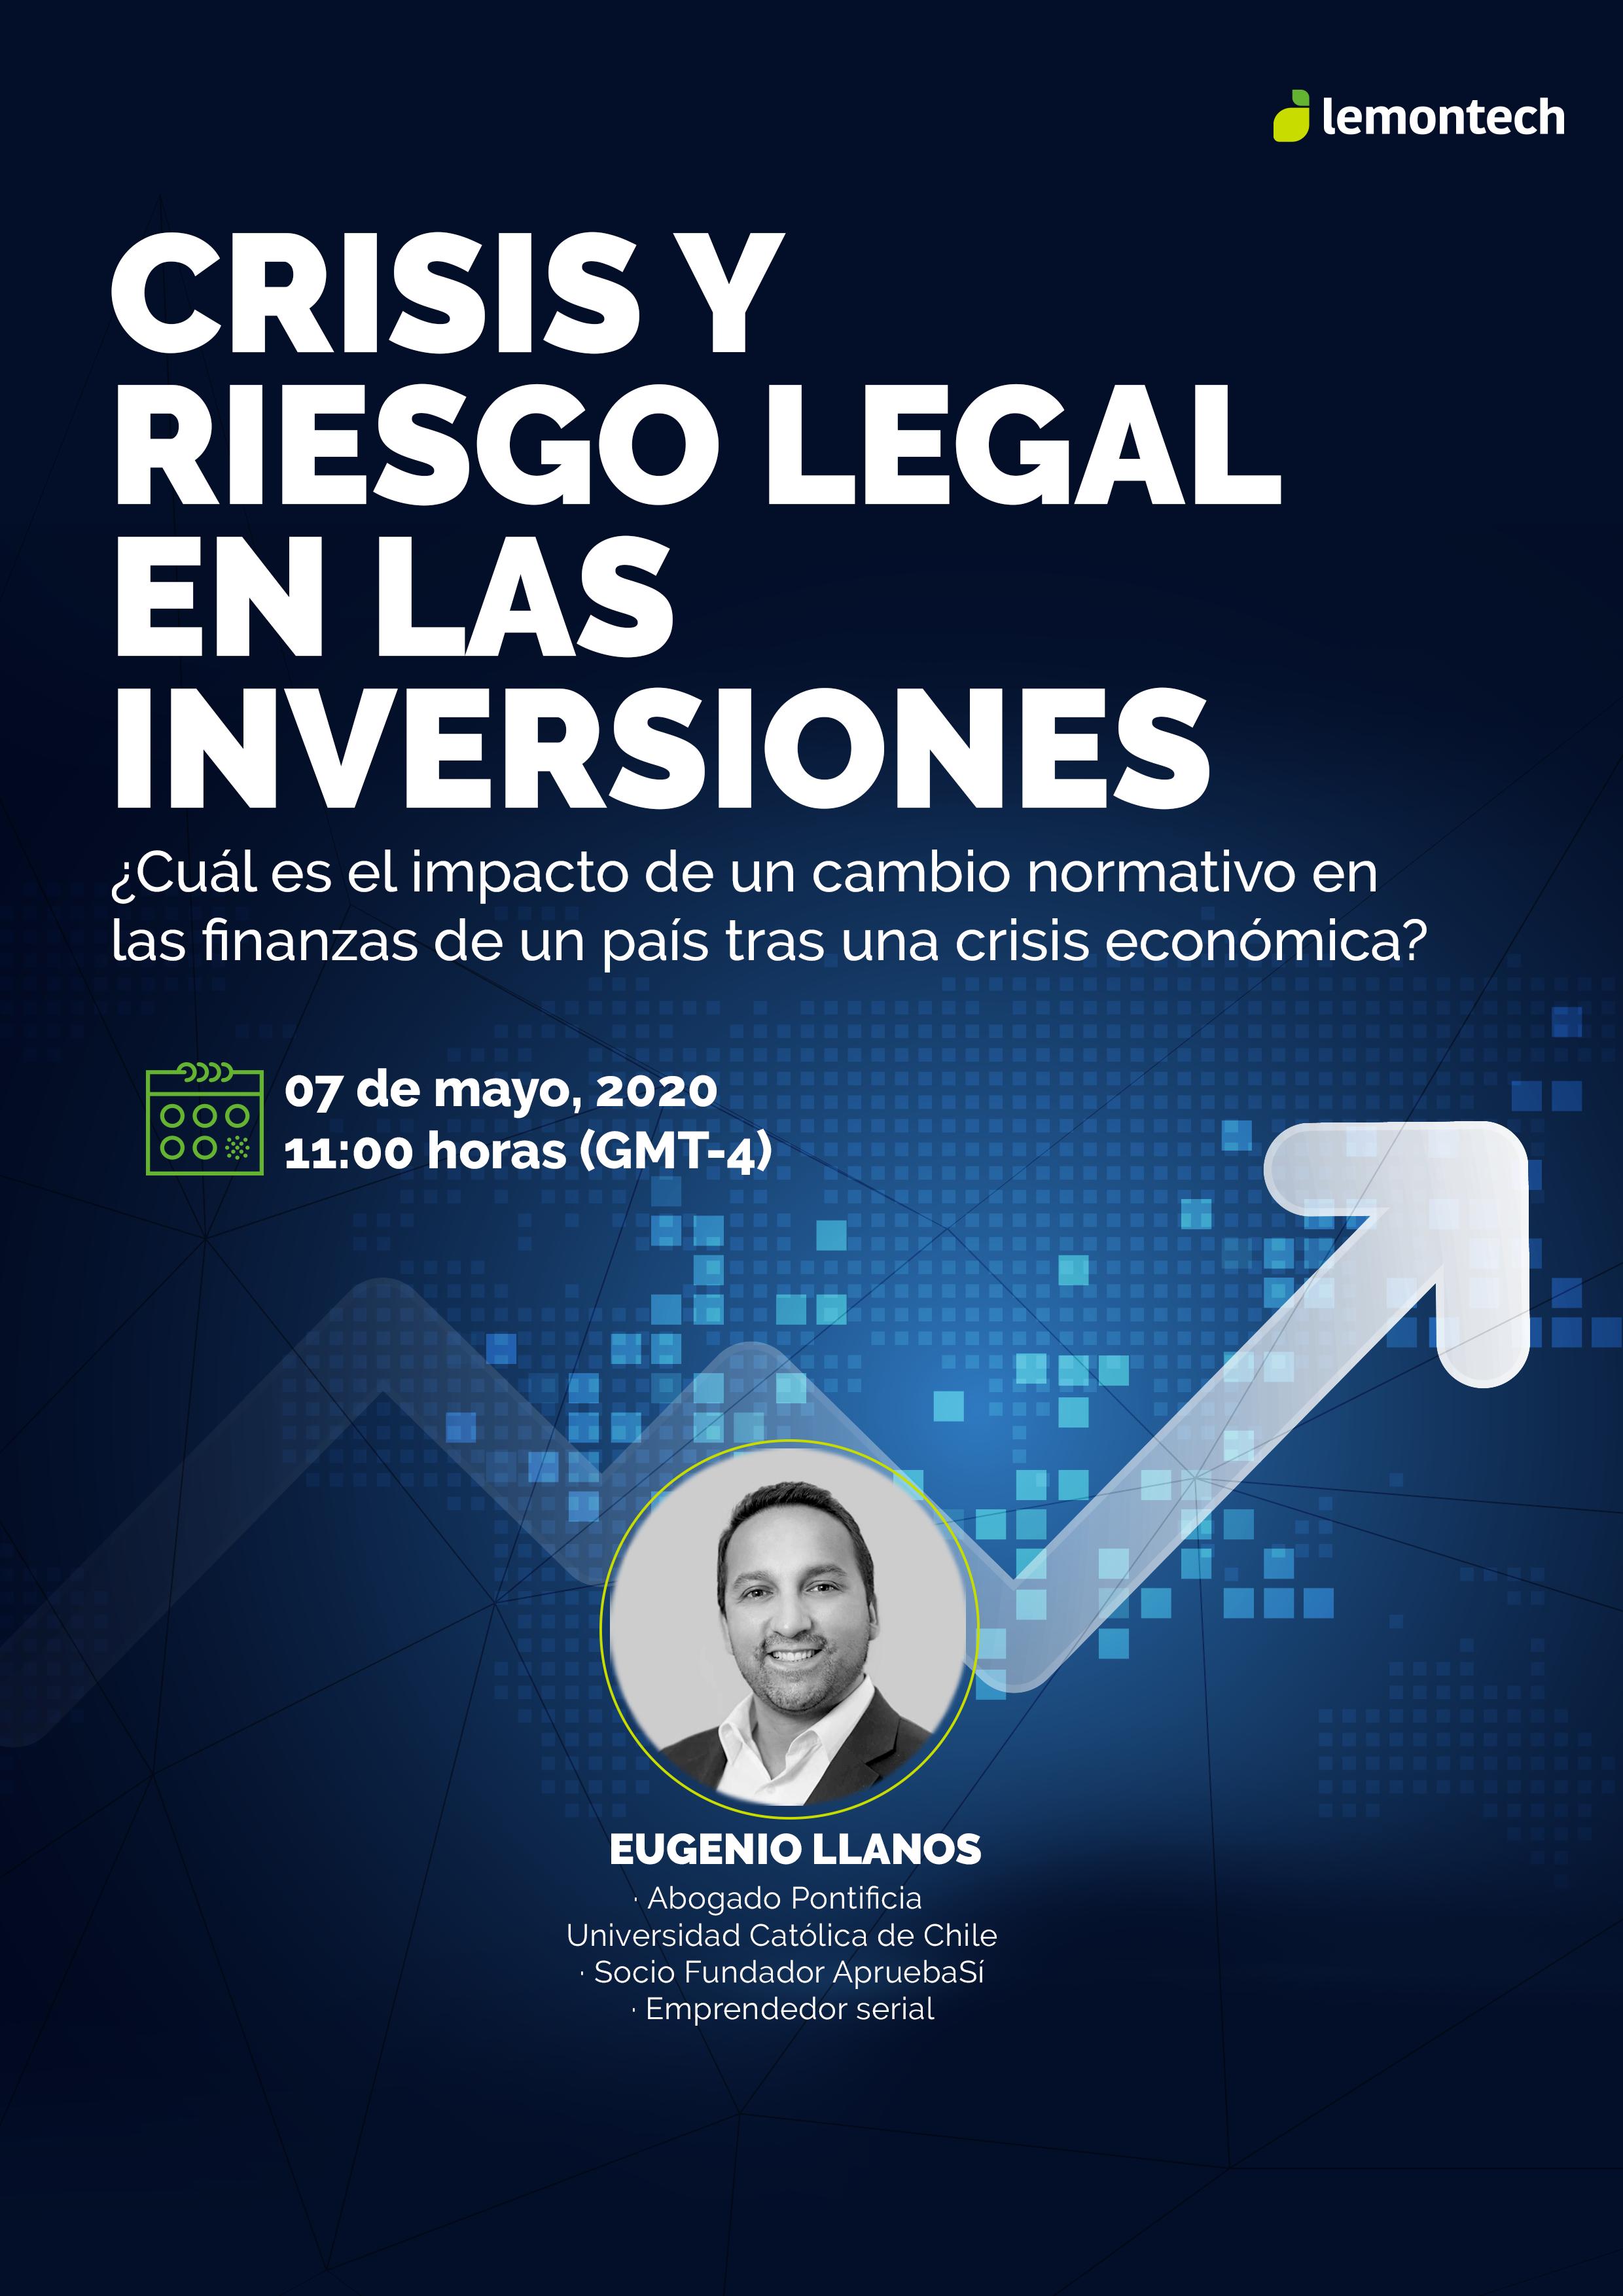 Crisis y riesgo legal en las inversiones